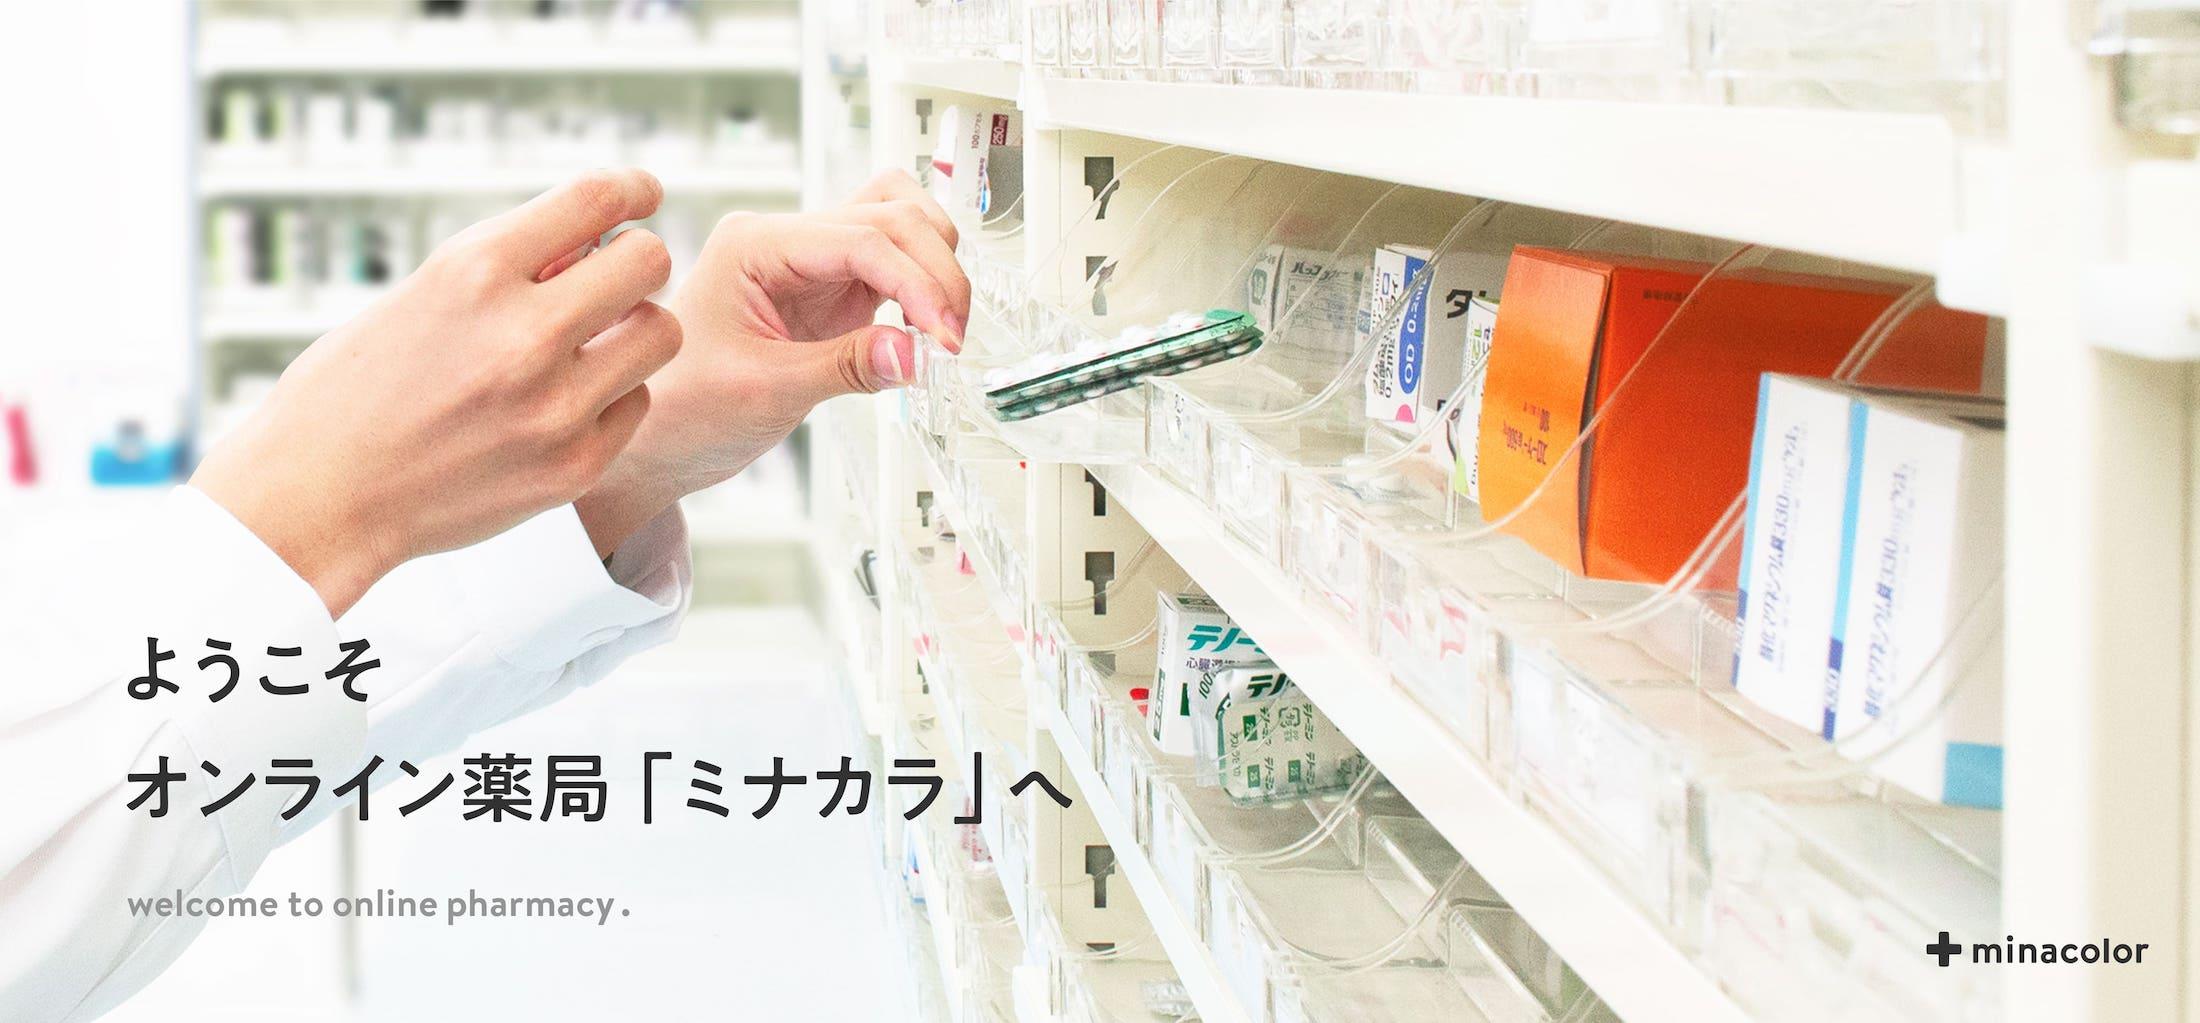 オンライン薬局へようこそ